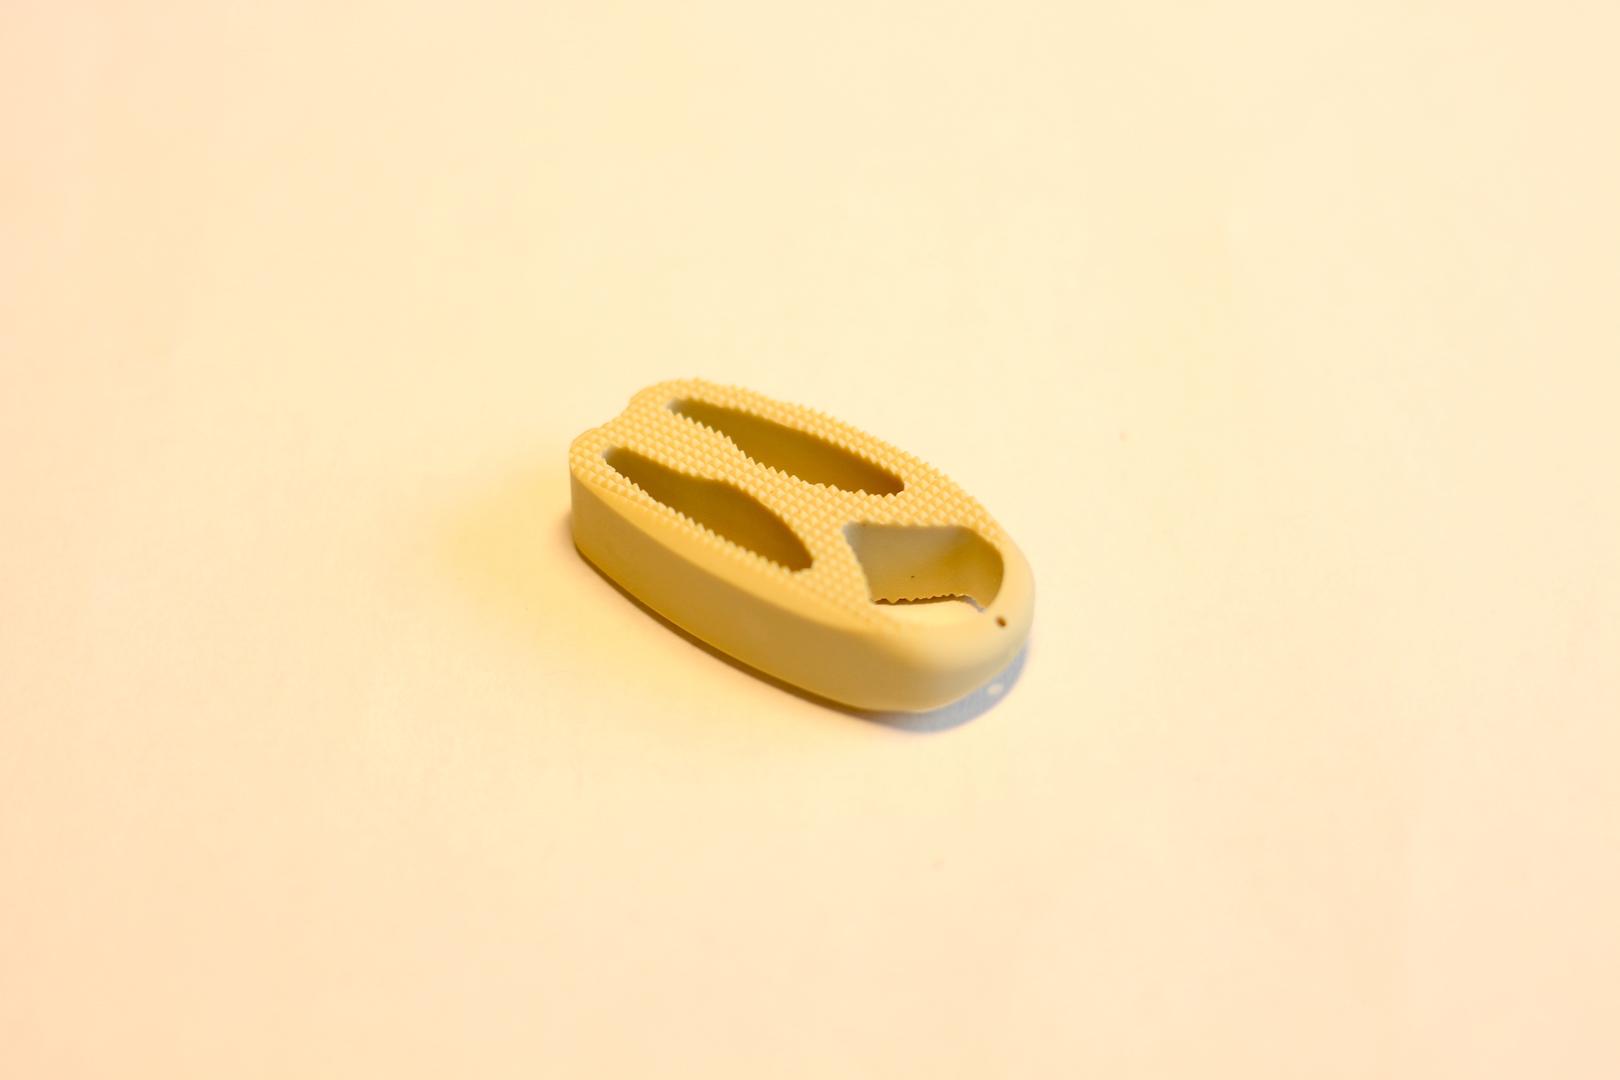 implant rachis